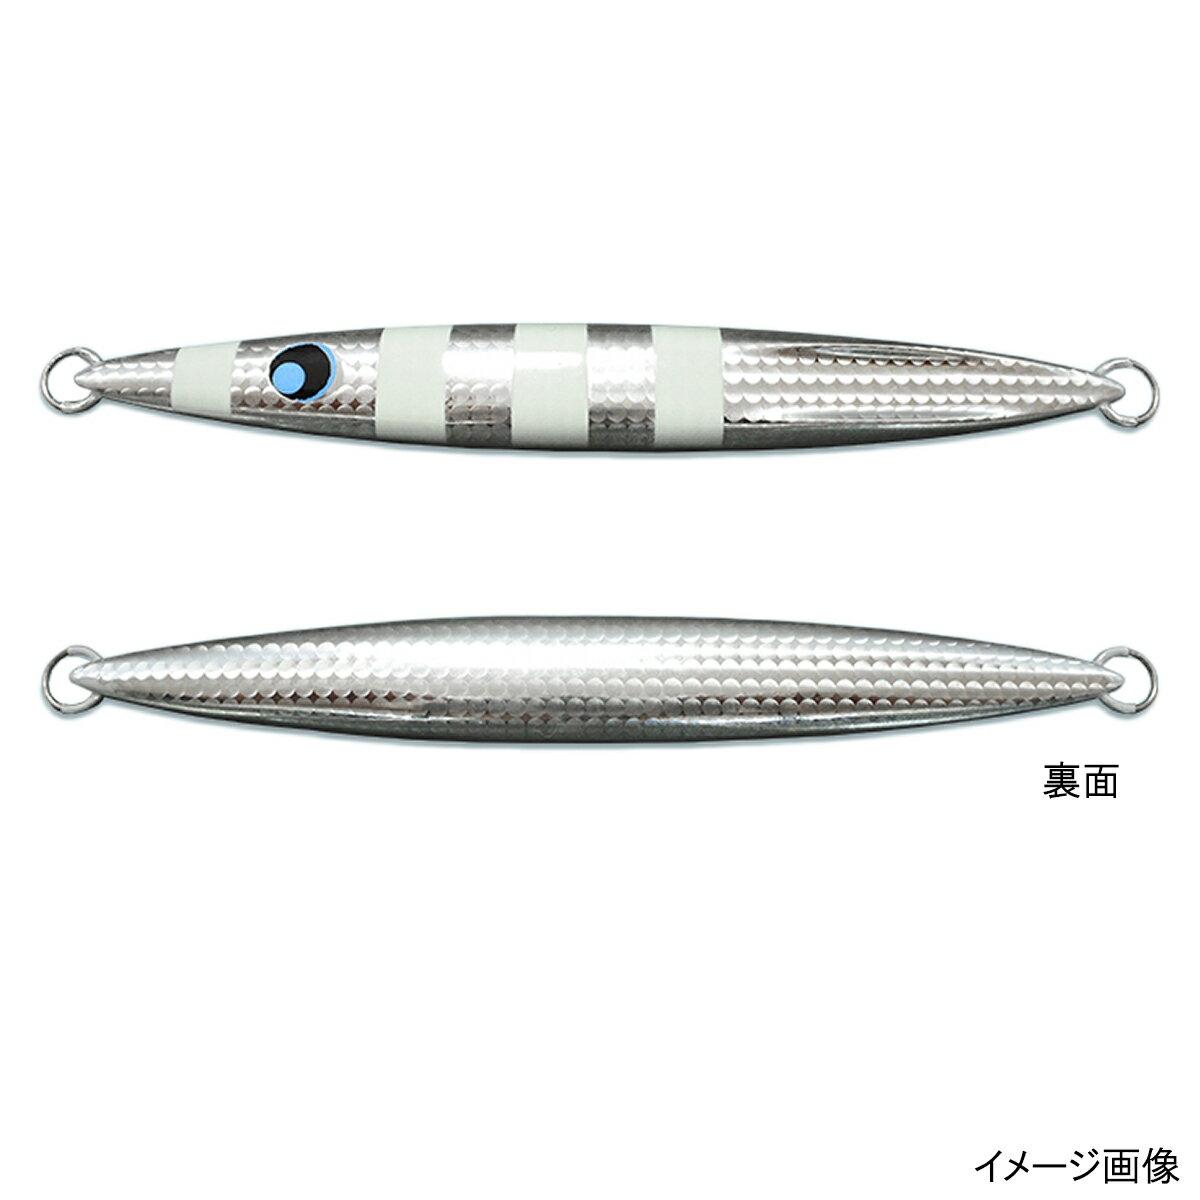 ウロコジグ オリジナル 120g #005(ウロコシルバーゼブラグロー)【ゆうパケット対応】